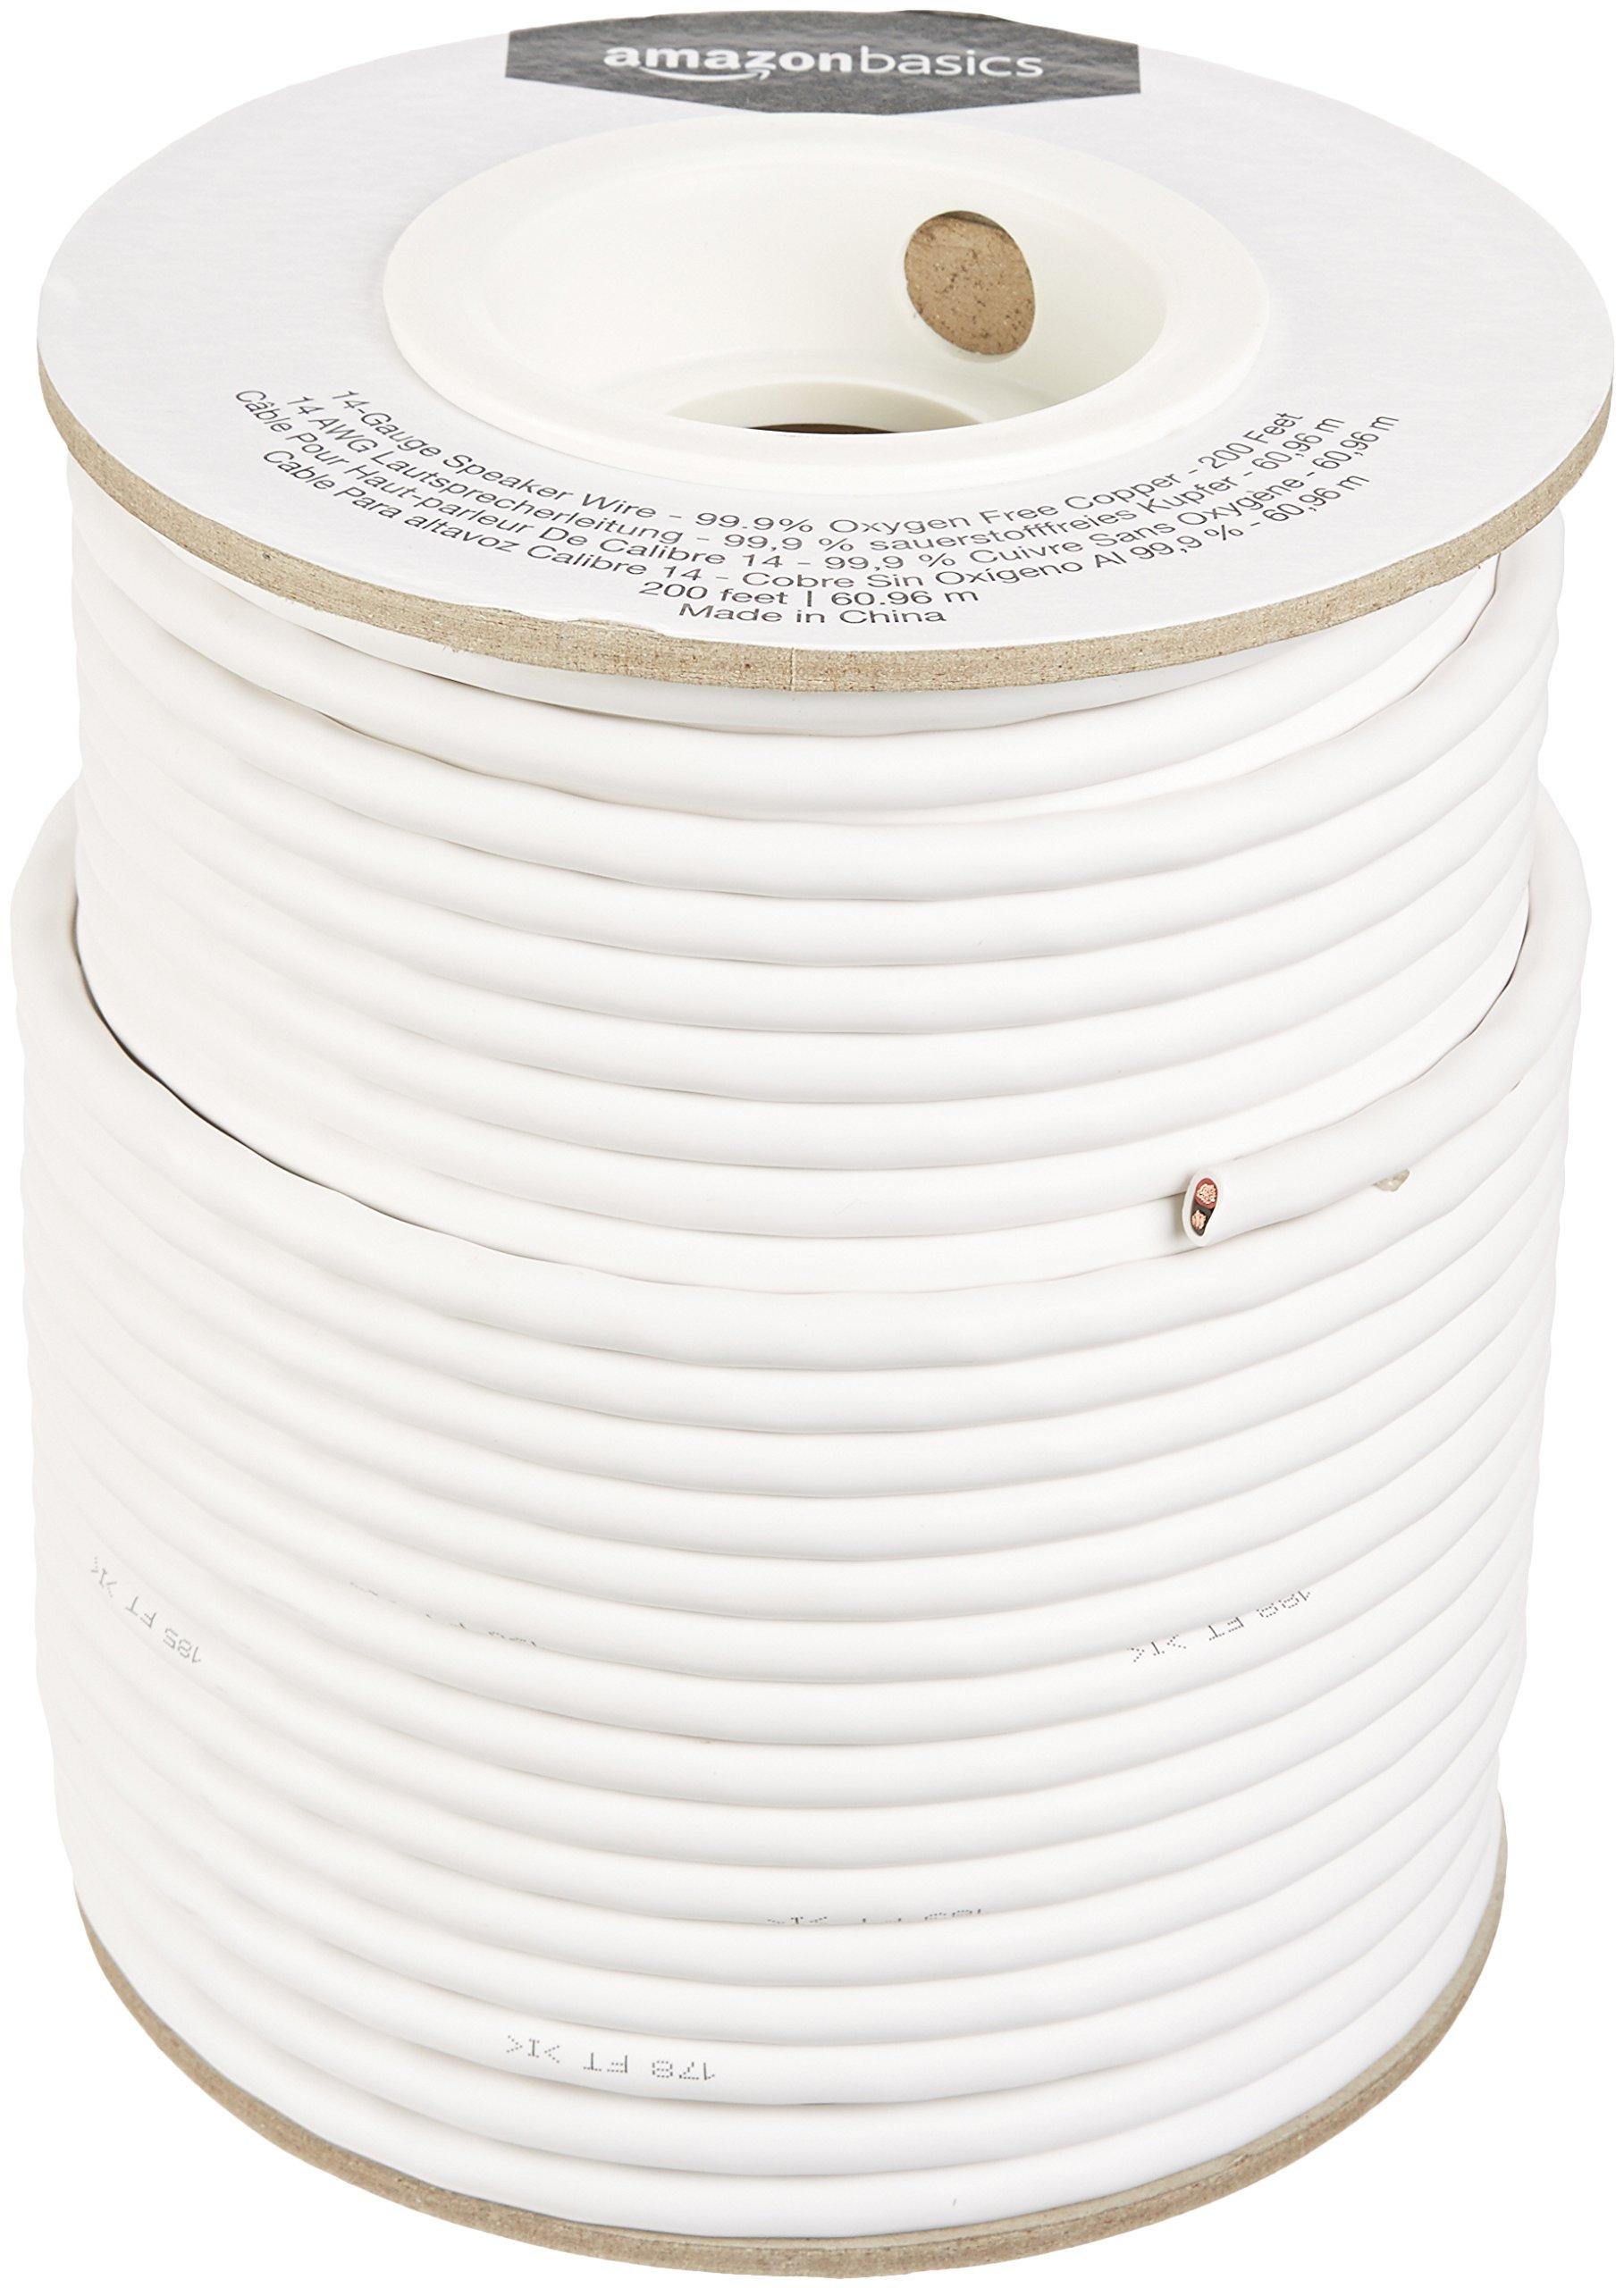 AmazonBasics Speaker Wire - 14-Gauge, 99.9% Oxygen-Free Copper, 200 Feet